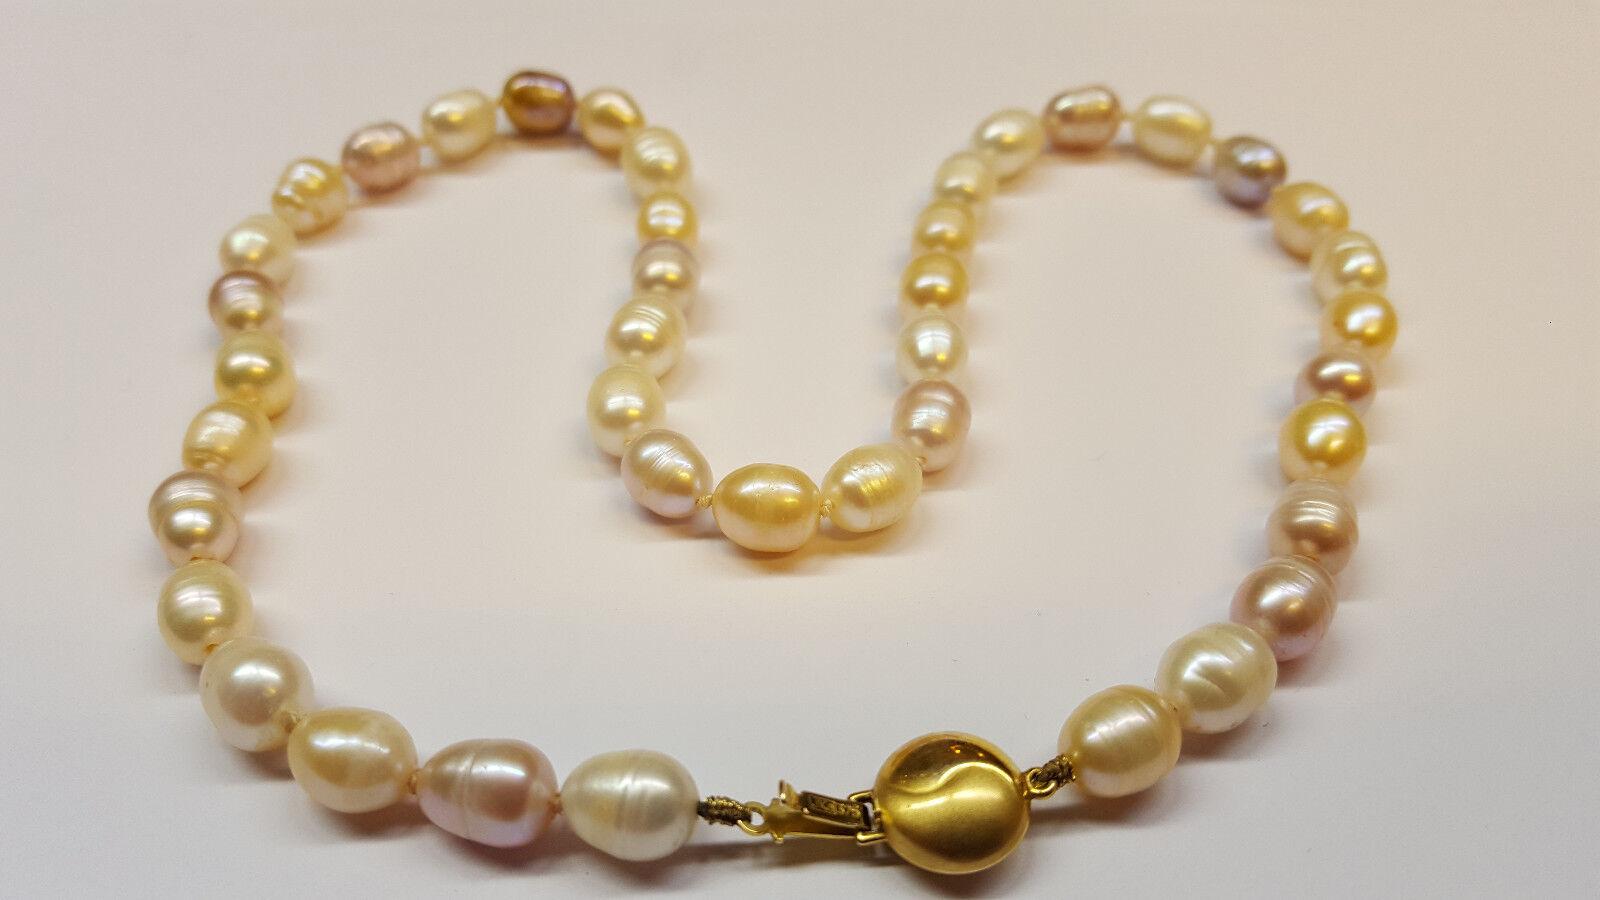 Collier Perles Or 375 obturateur PERLES COLLIER DE PERLES COLLIER